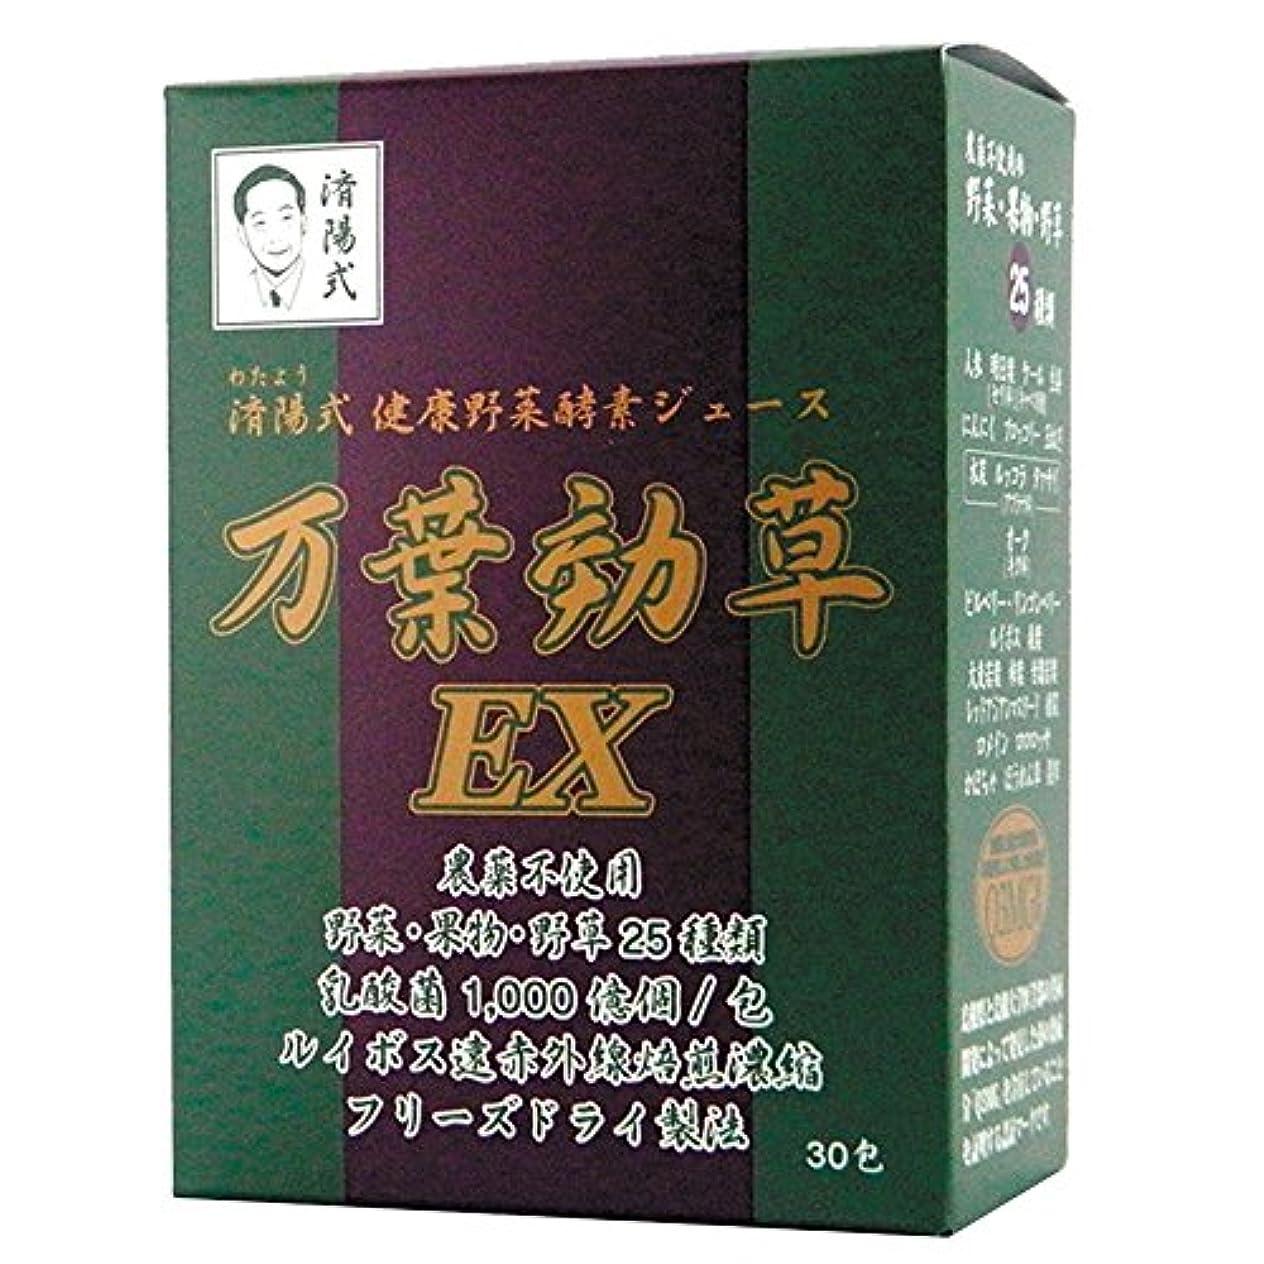 インディカ尾解読するAIGエム 済陽式 健康野菜酵素ジュース 万葉効草EX